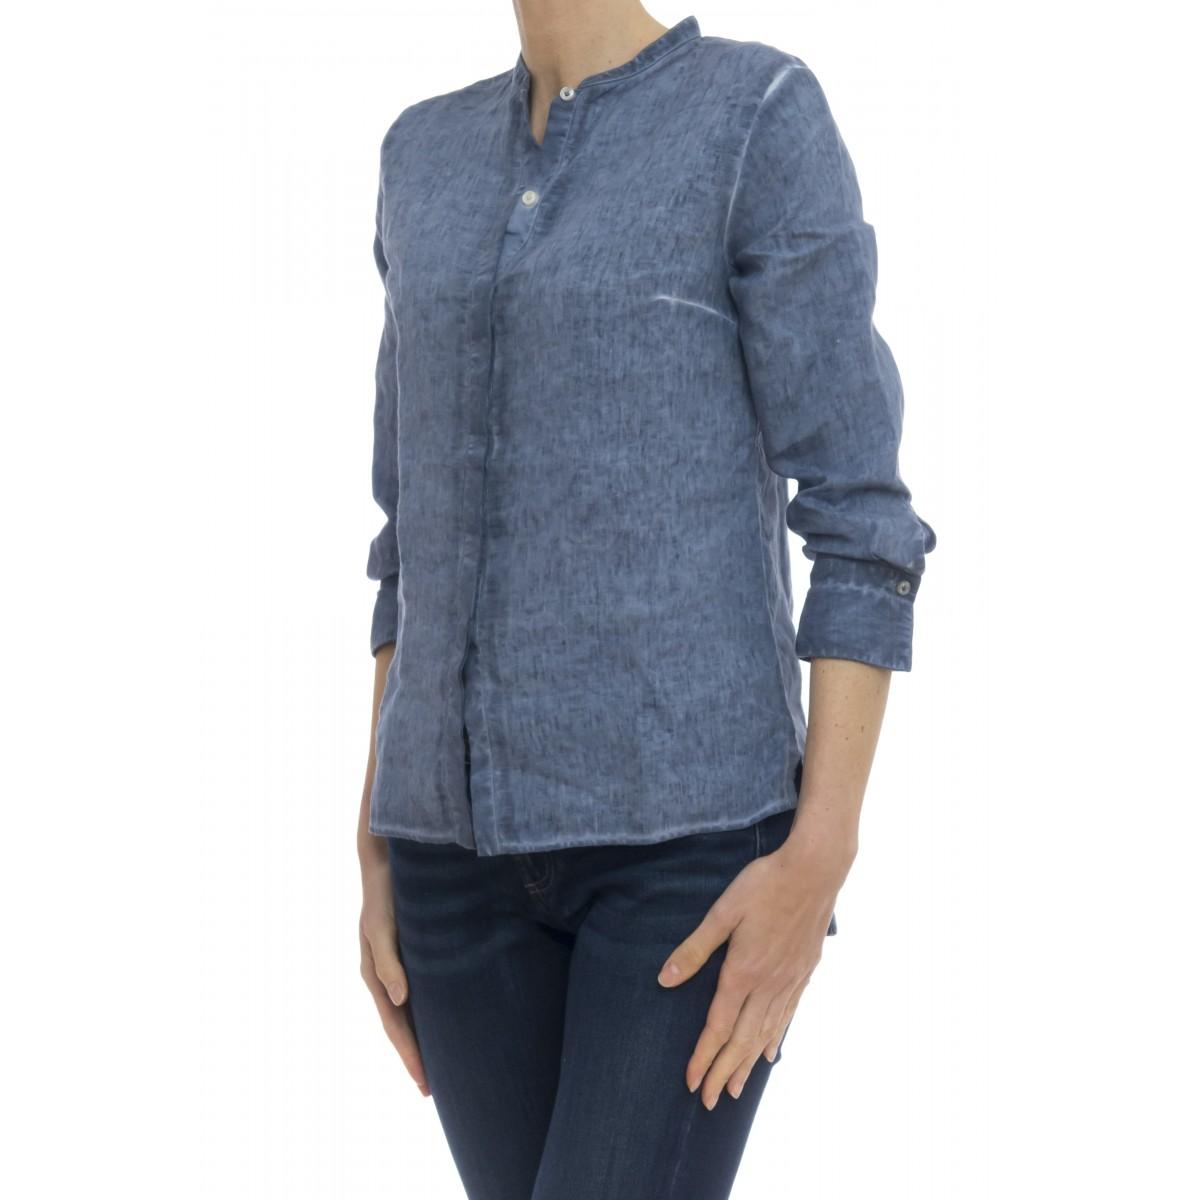 Camicia donna - 1103/03f camicia lino lavata freddo